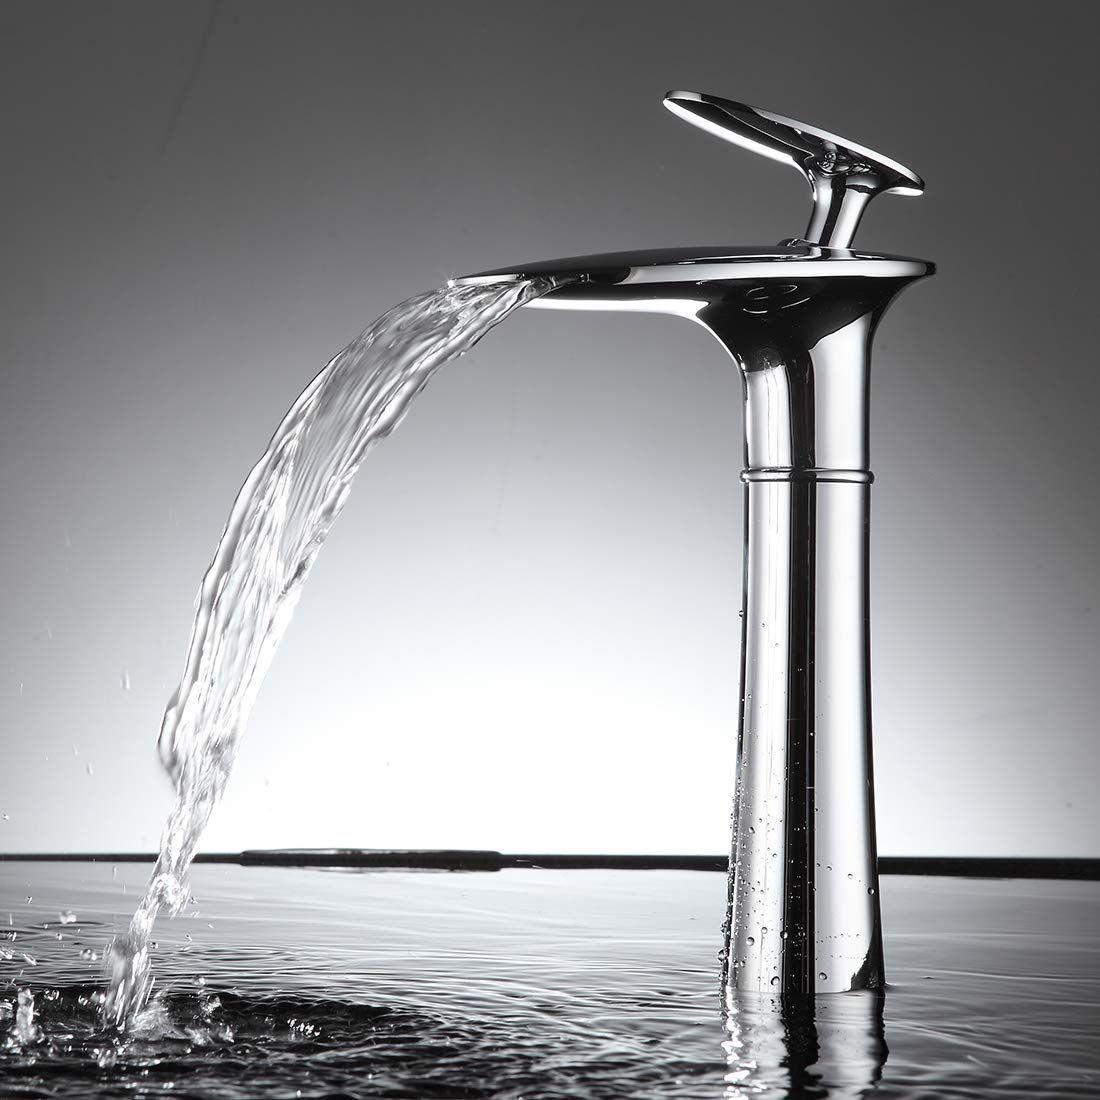 Bad Wasserhahn Badarmatur In 2020 Waschbecken Armaturen Badezimmer Chrom Waschtischarmatur